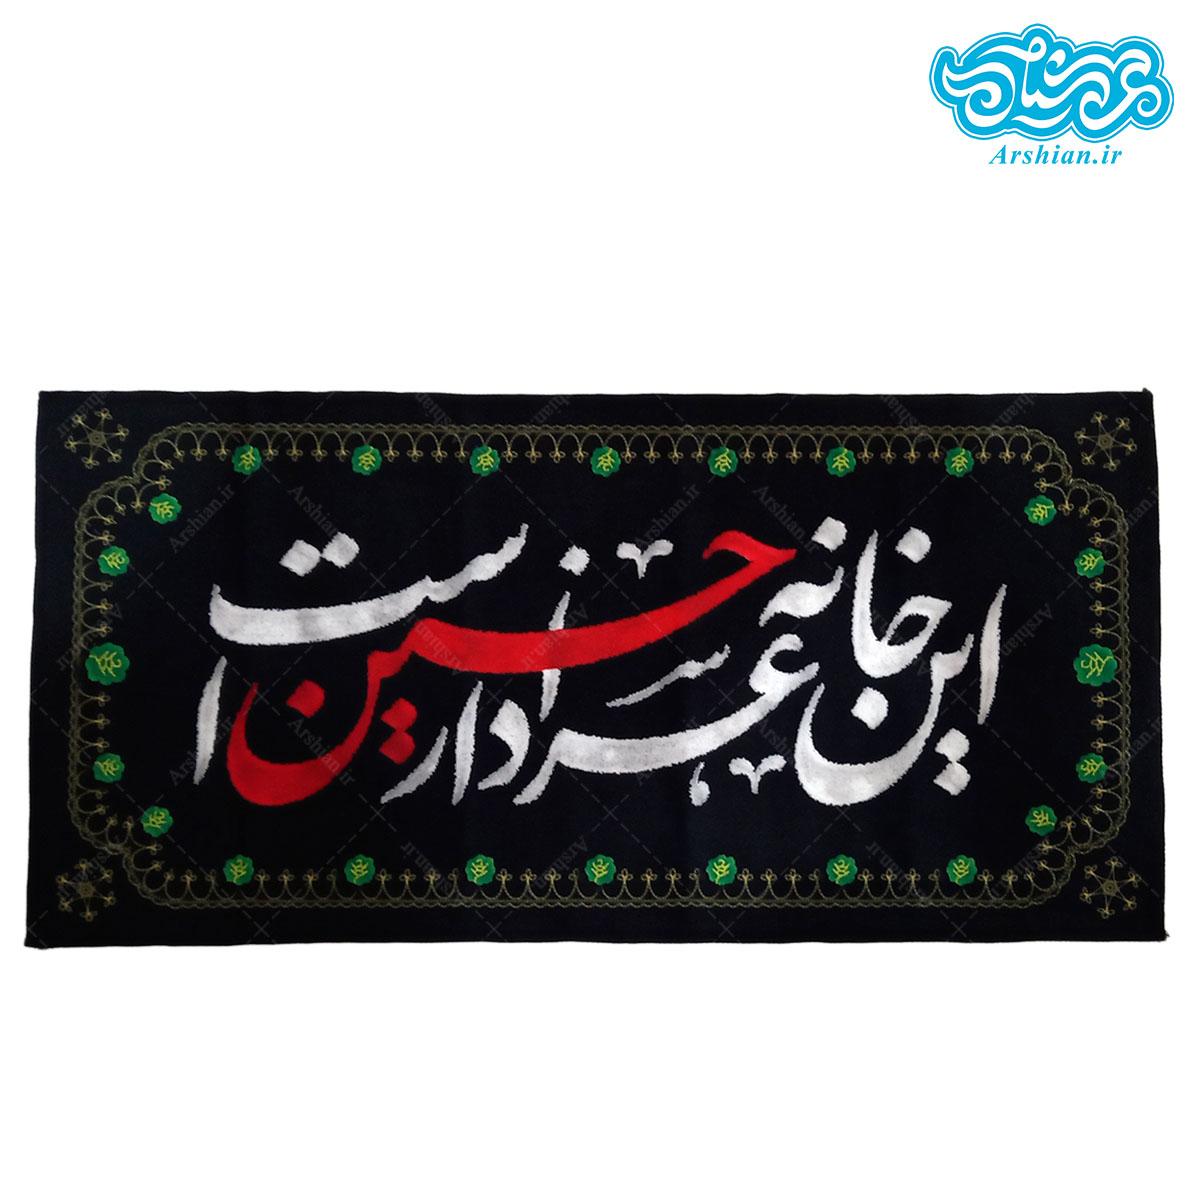 پرچم سردربی این خانه عزادار حسین است کد005